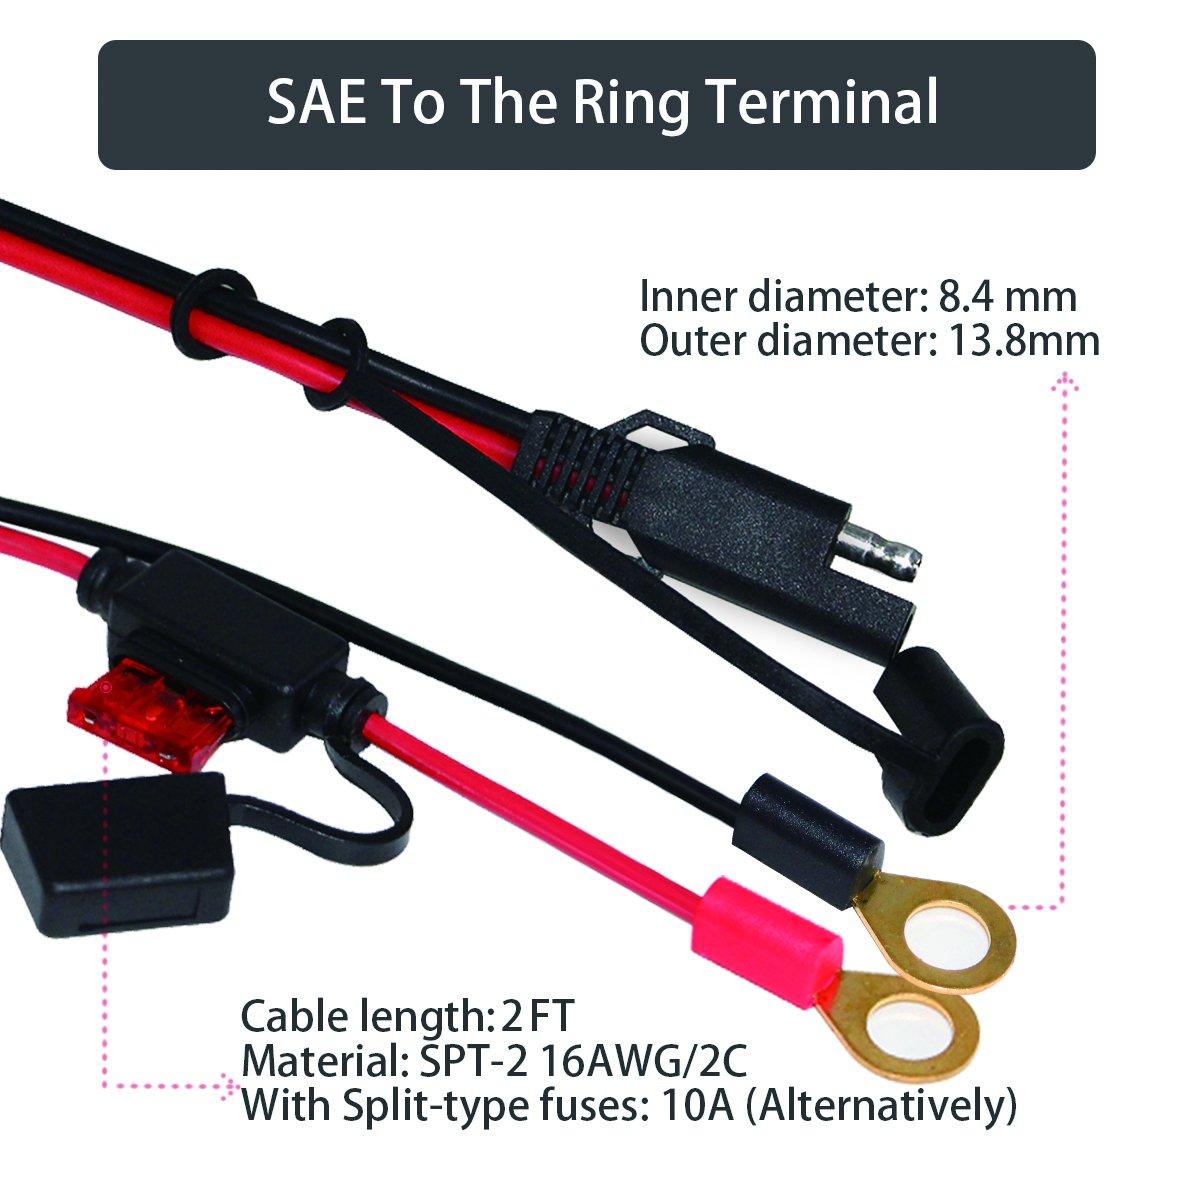 Amazon.com: KUNCAN Ring Terminal Harness 2 Pin Lug Cable SAE To ...